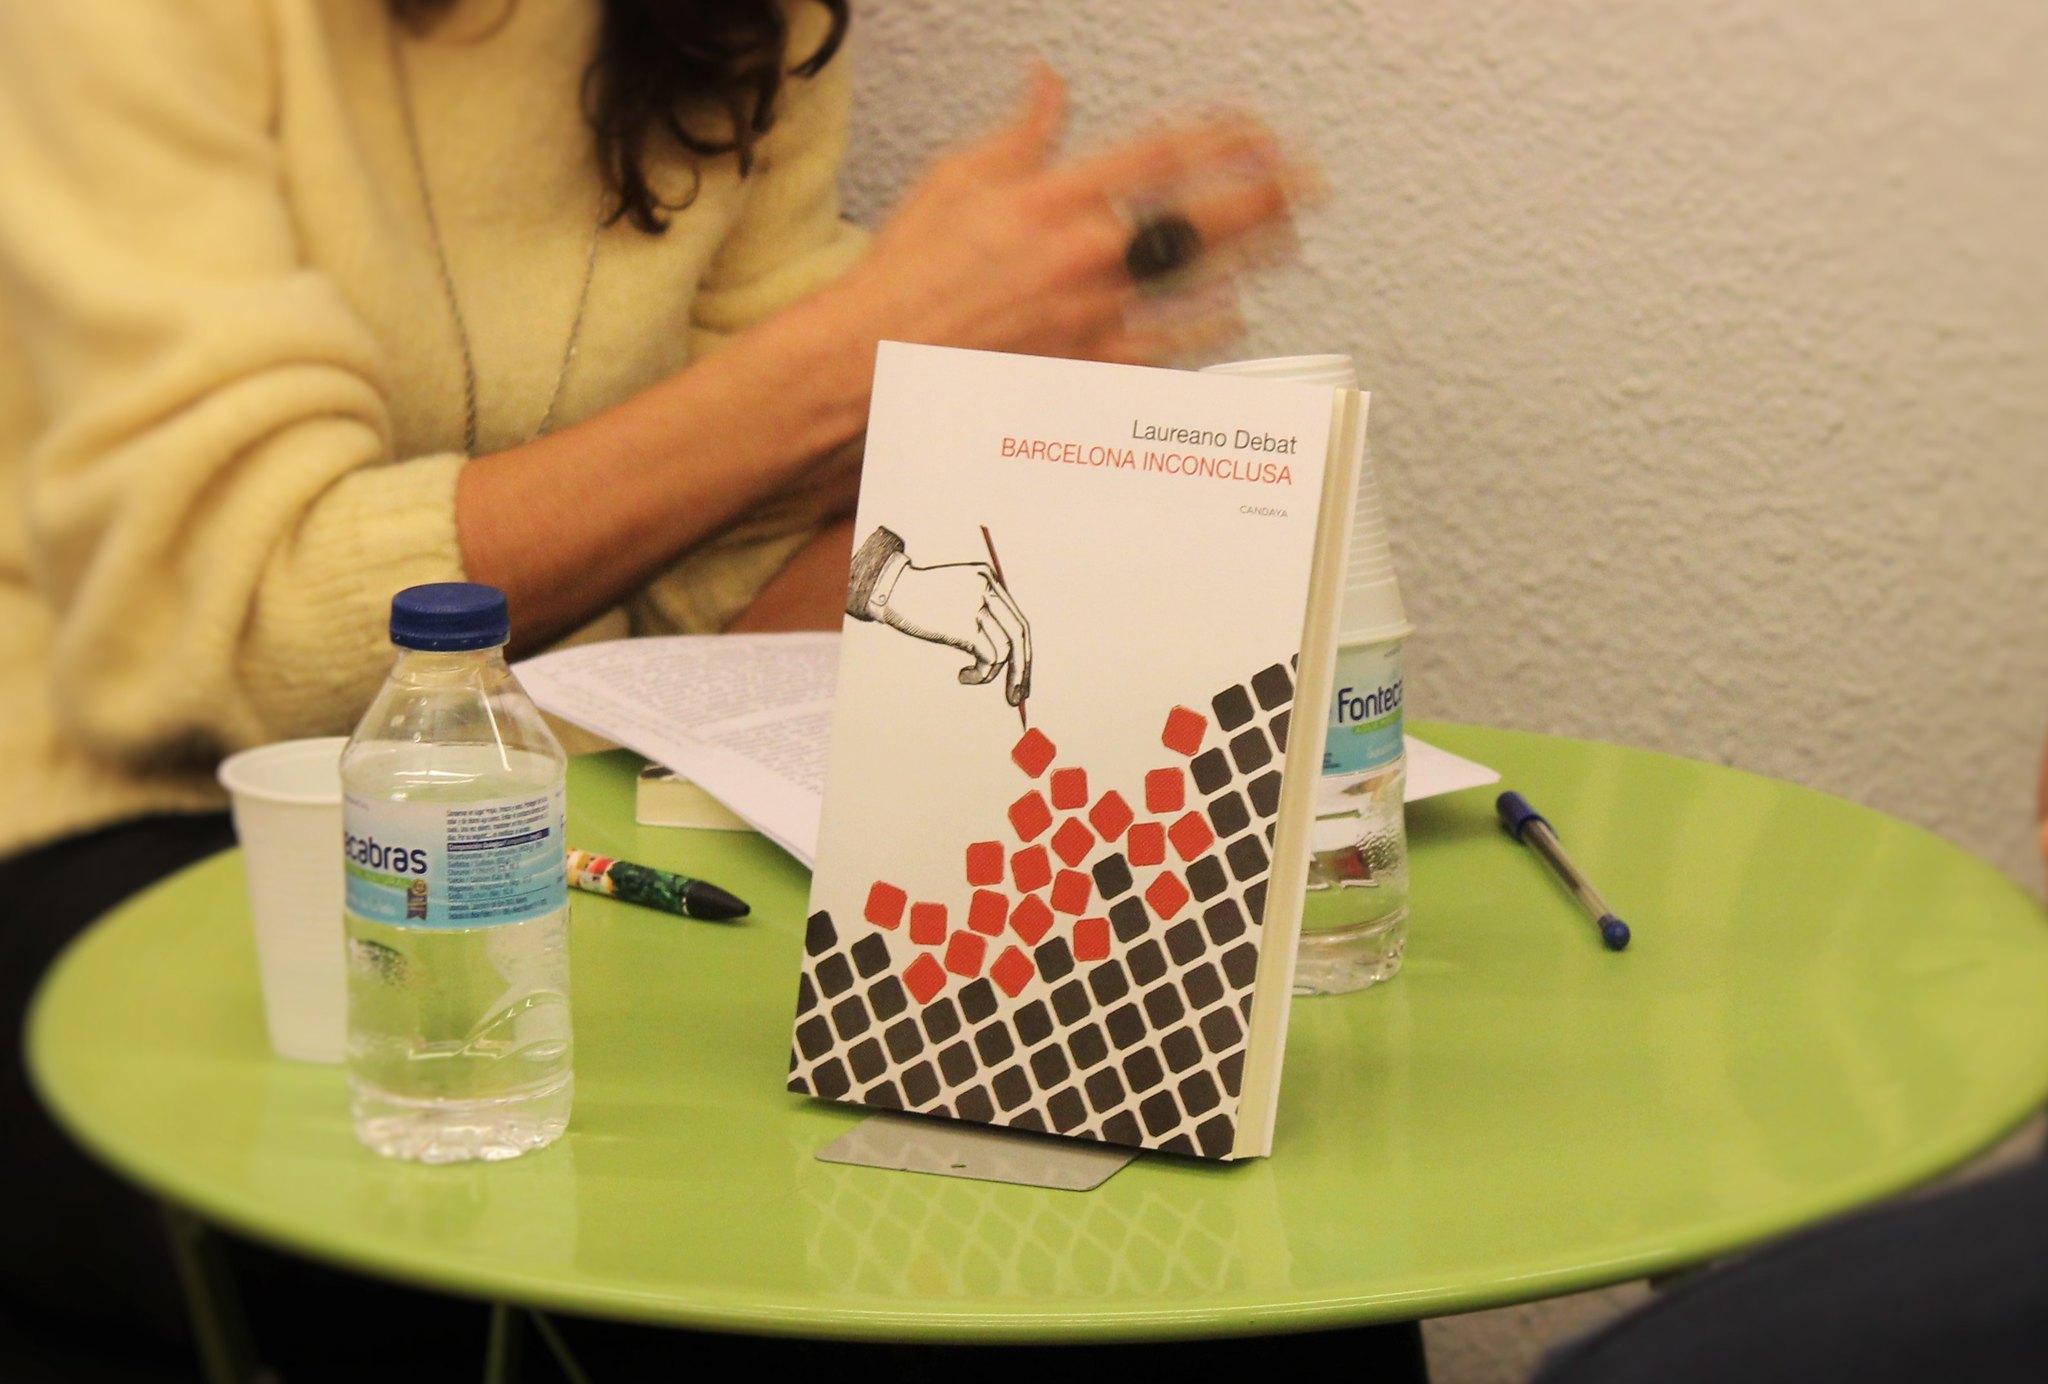 Barcelona Inconclusa presentación